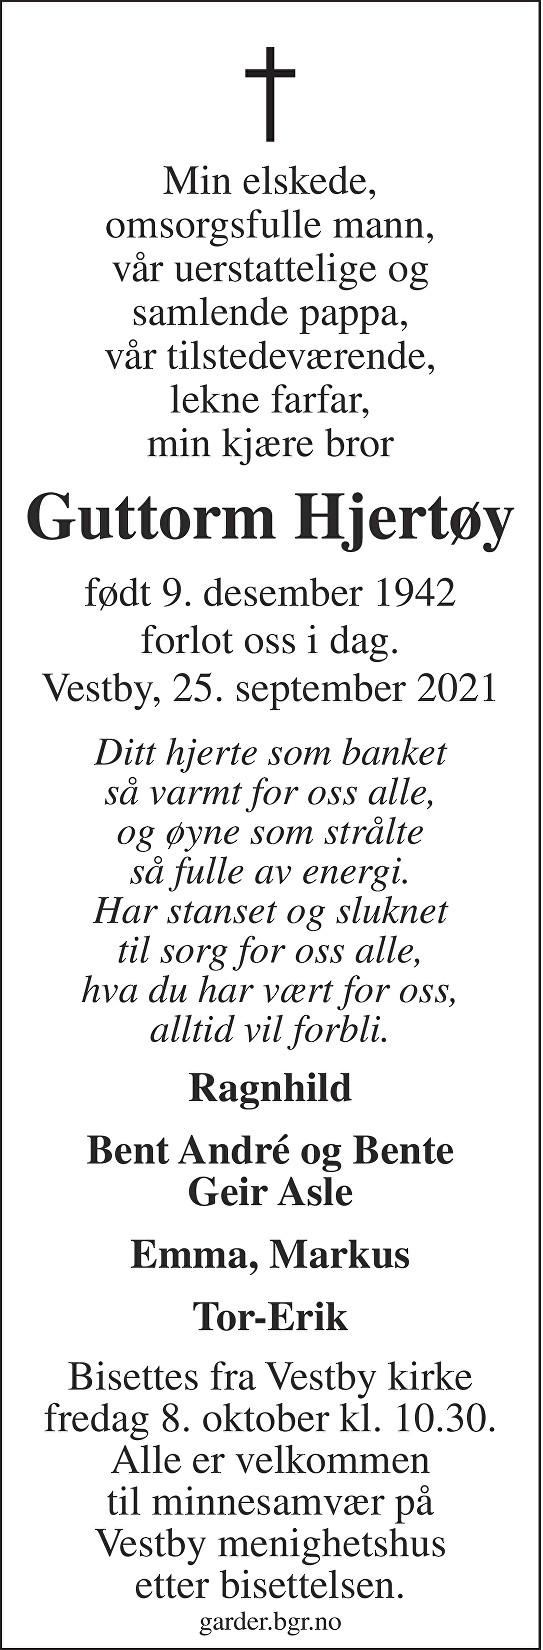 Guttorm Hjertøy Dødsannonse